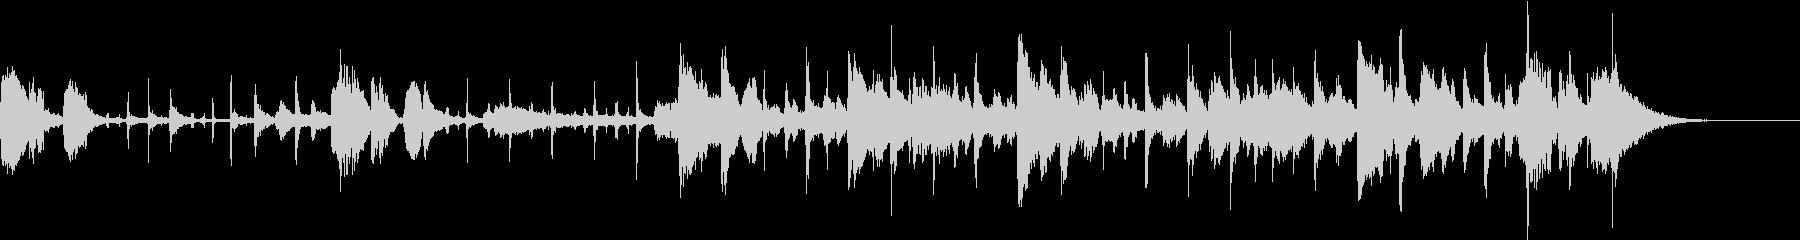 和楽器のジャズのオシャレなコラボの未再生の波形